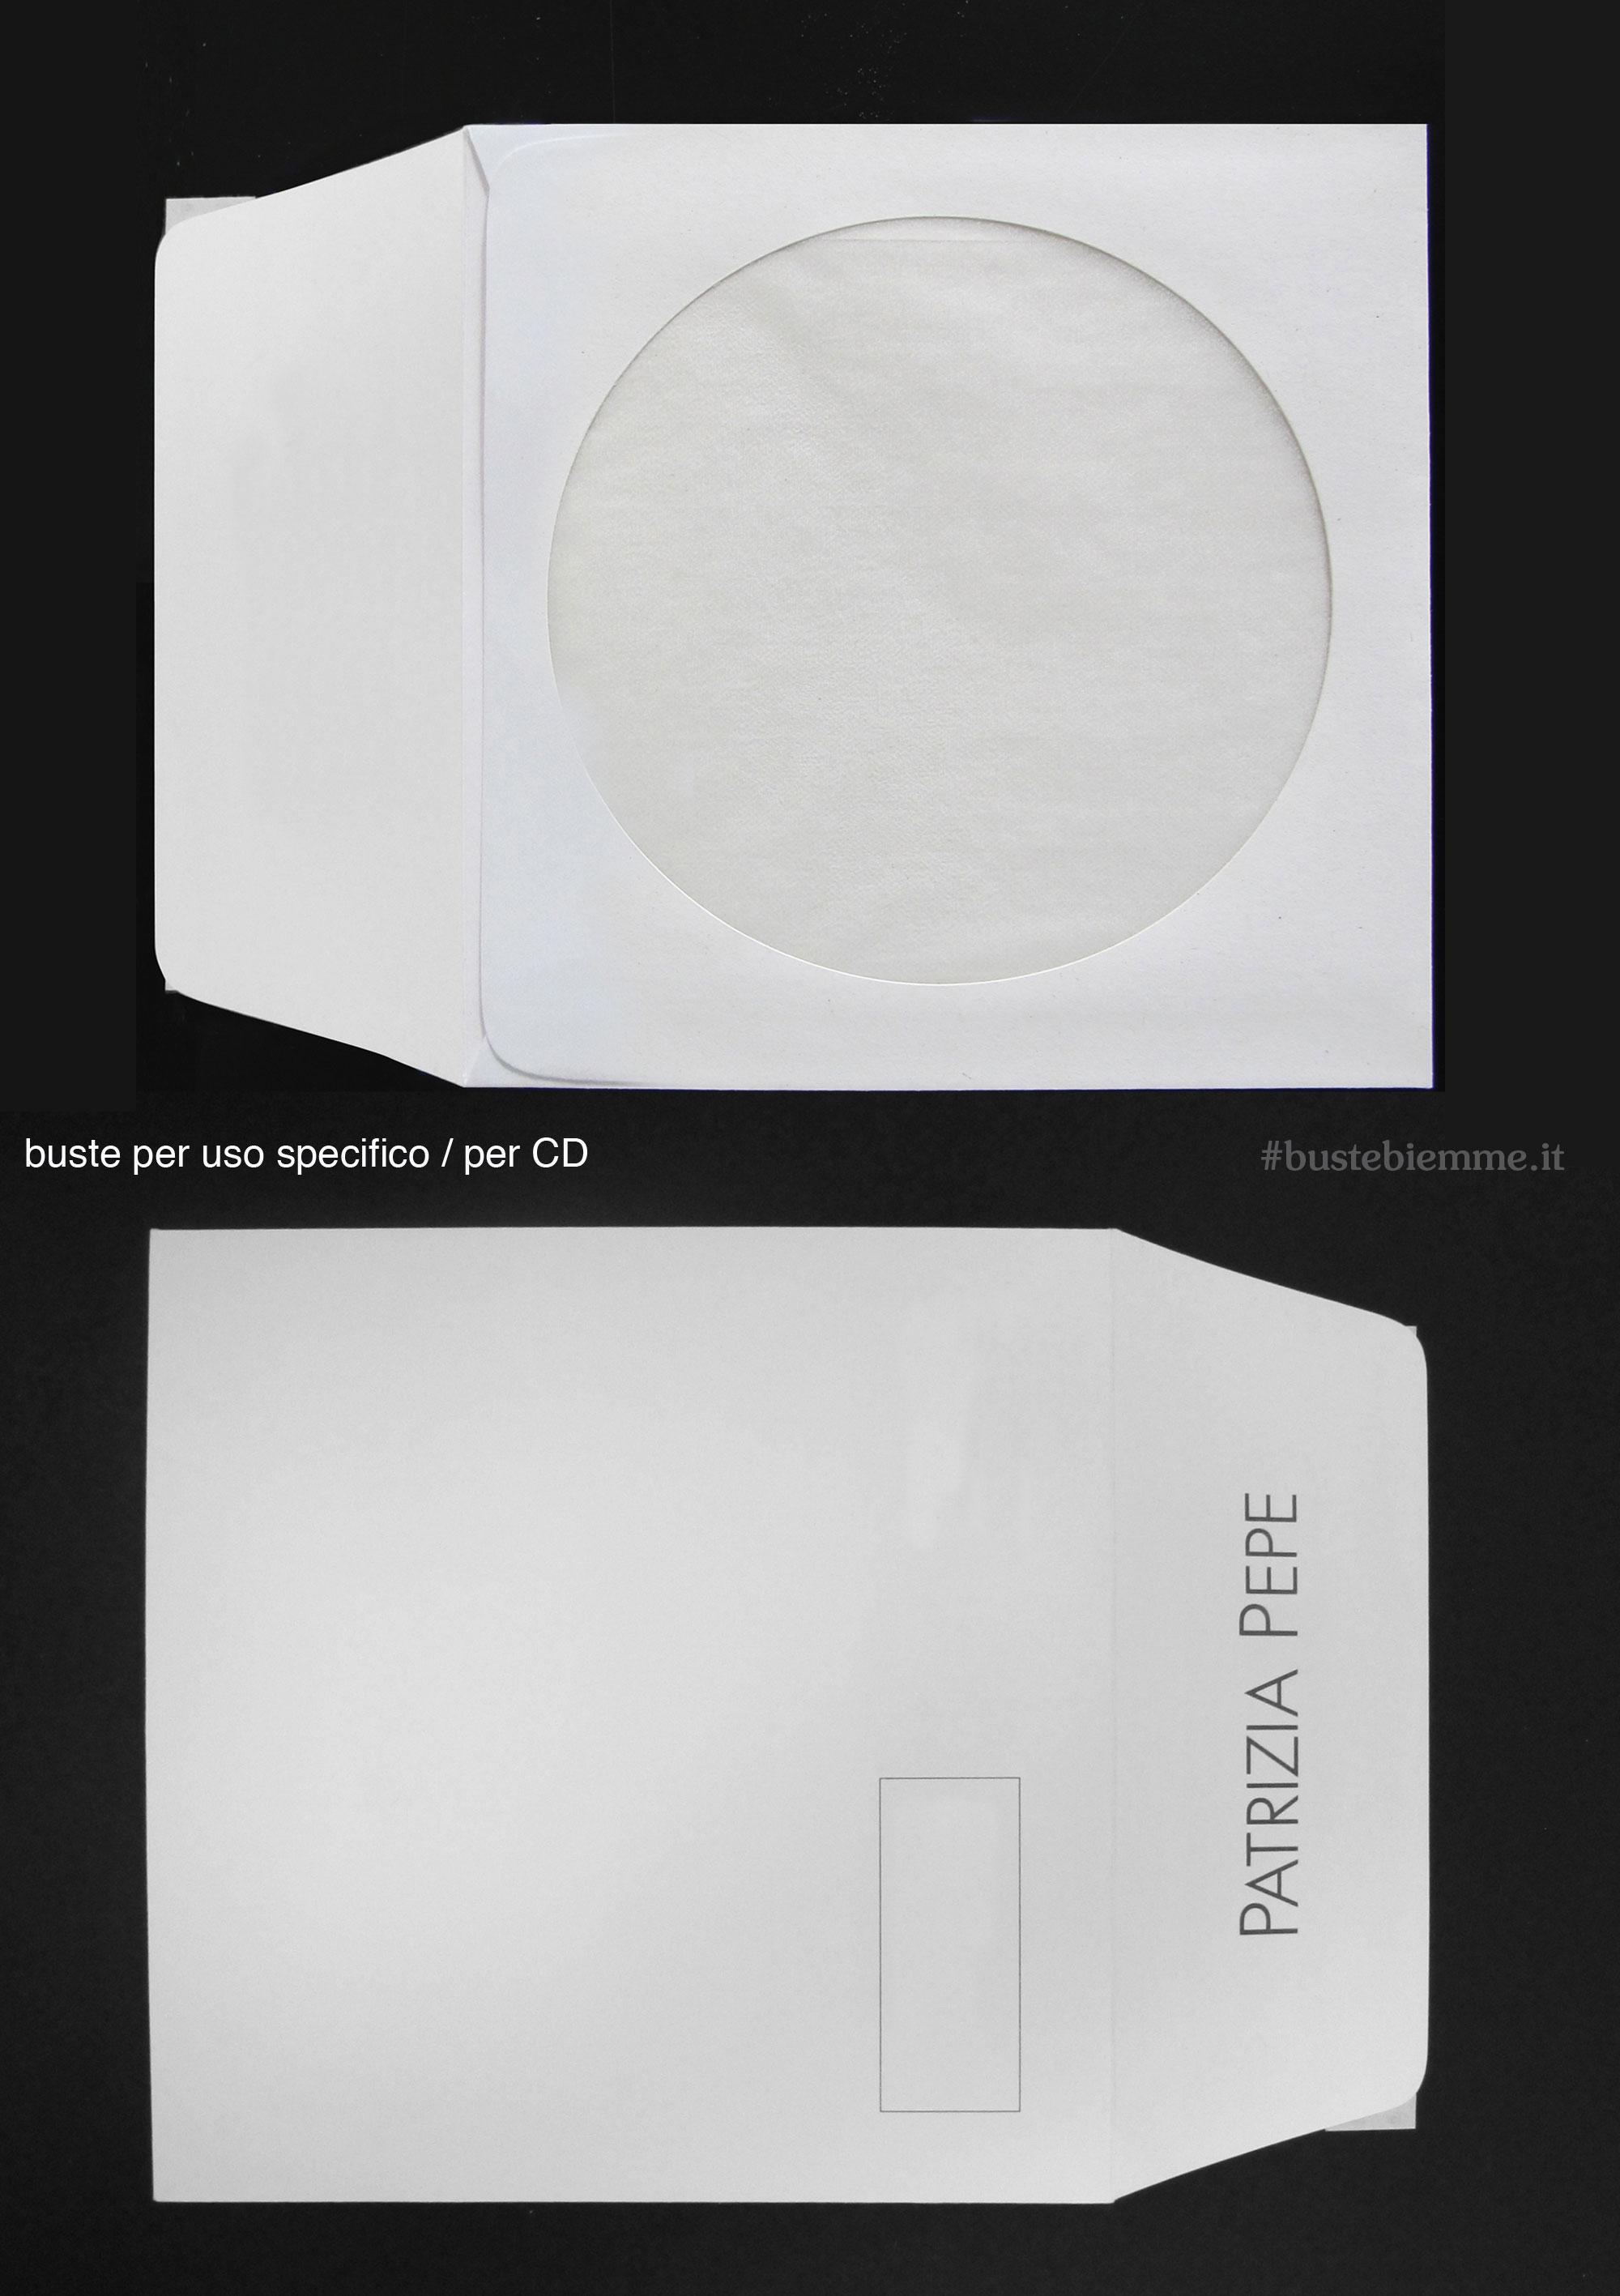 Busta in carta porta Cd personalizzata